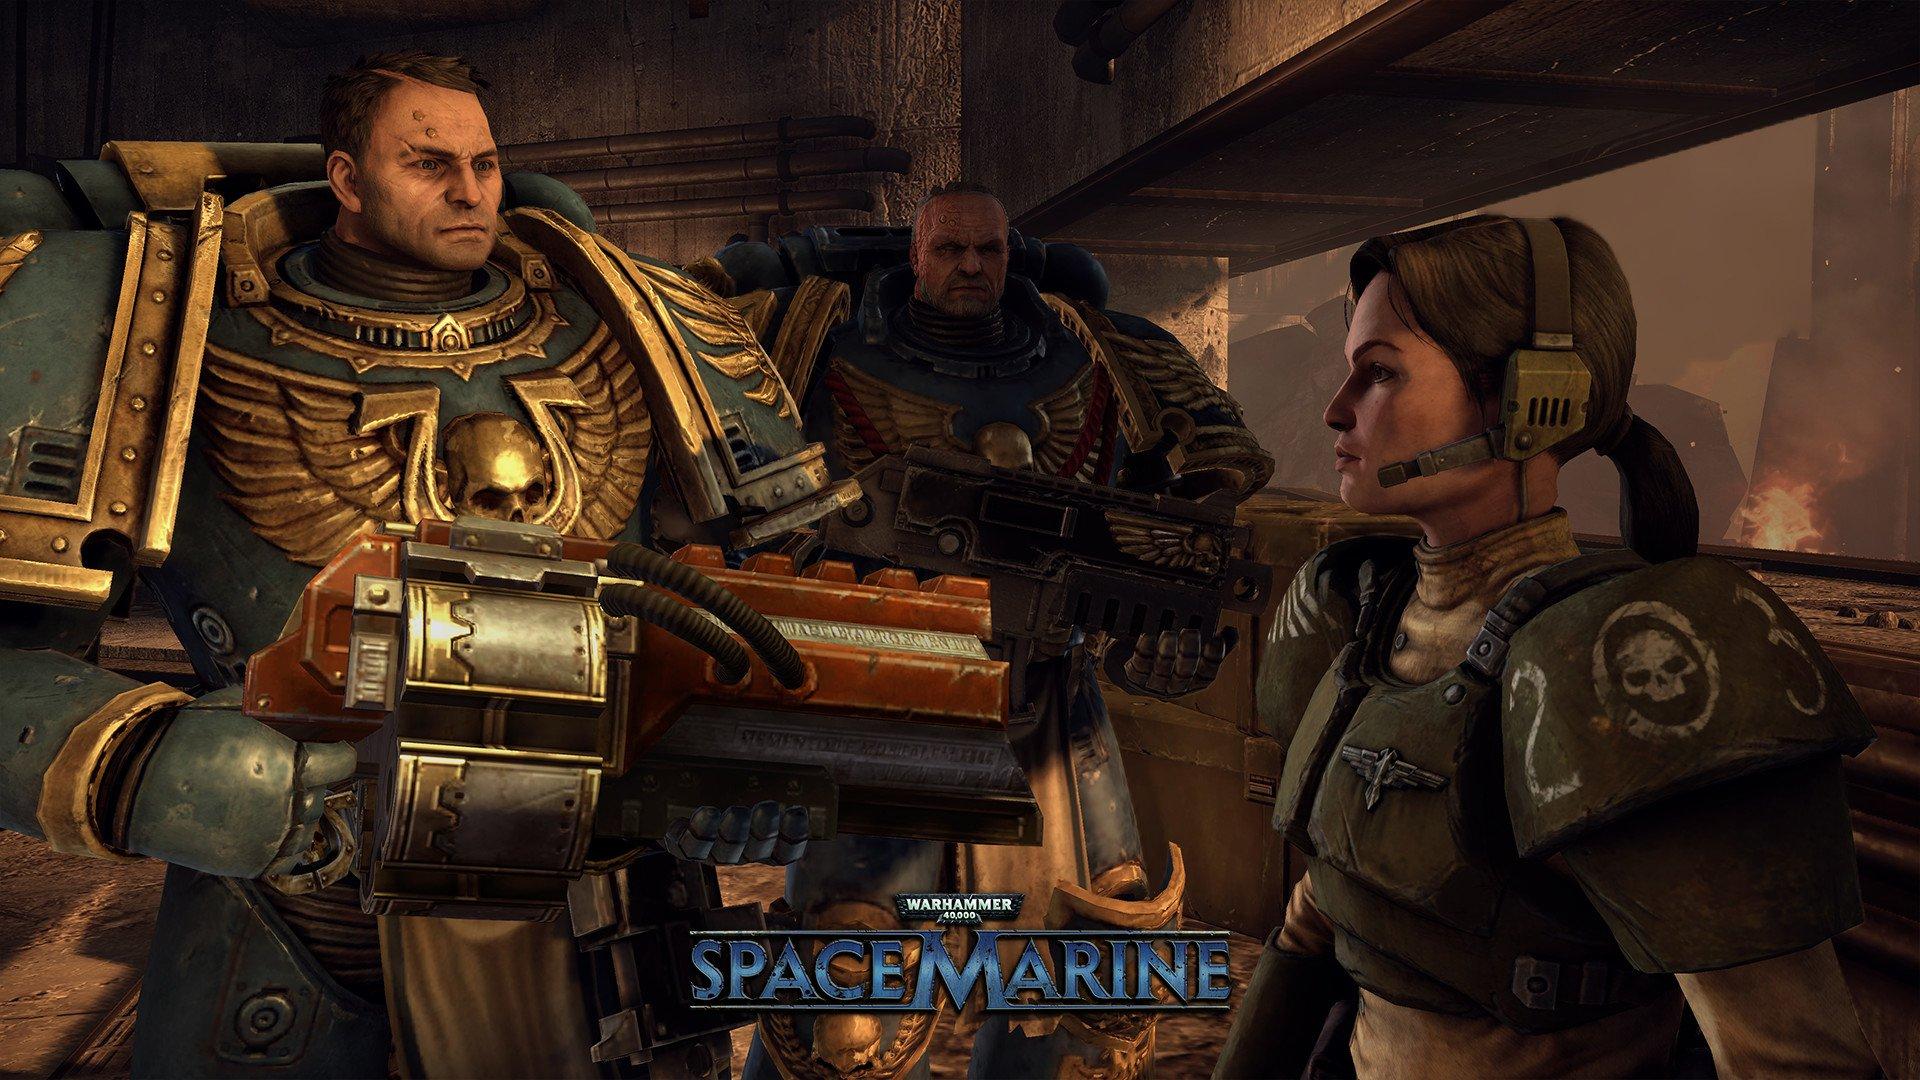 Warhammer 40,000 Space Marine 4